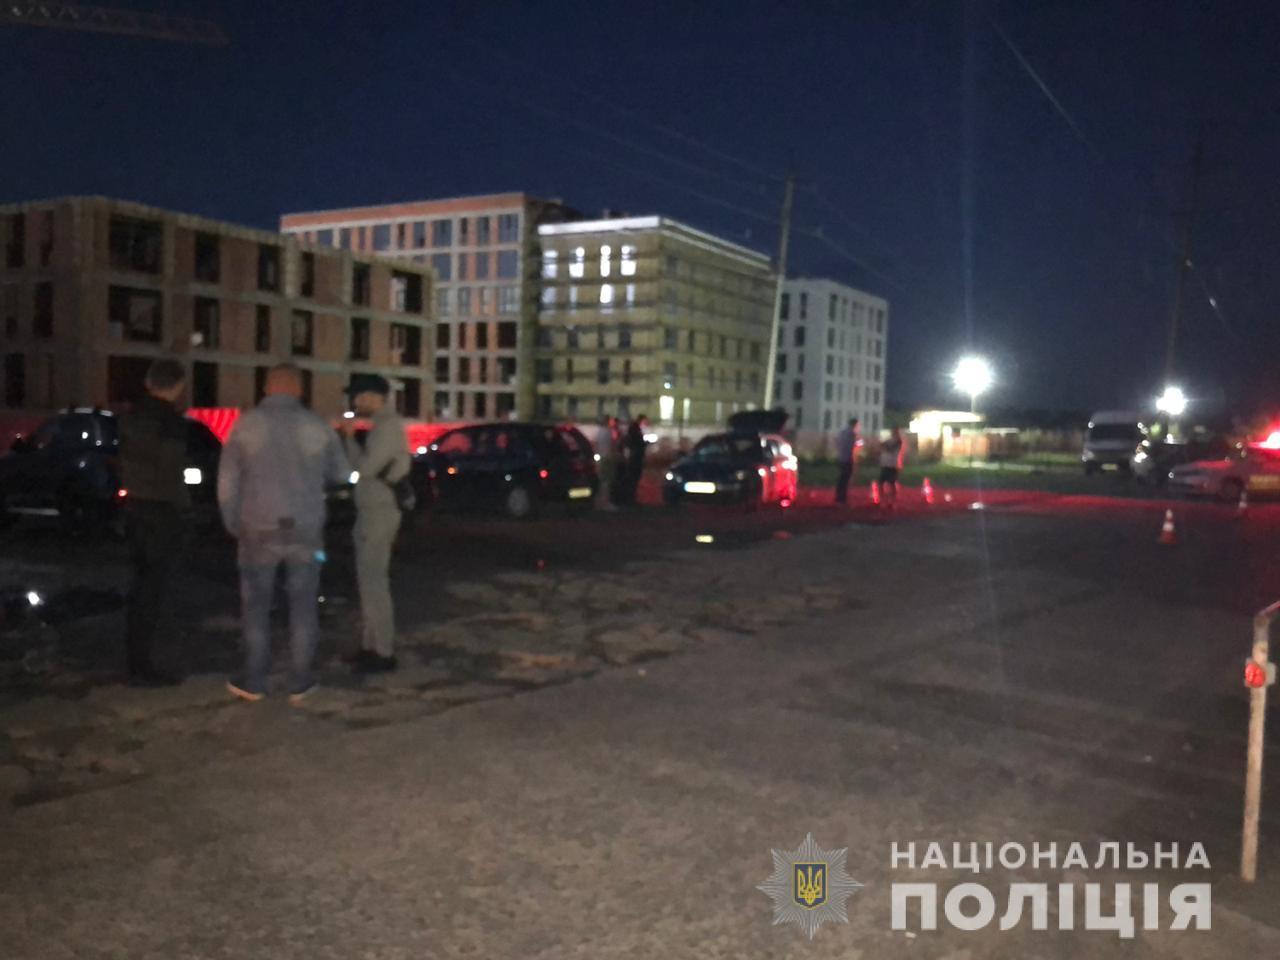 Поліція затримала ужгородця, причетного до стрілянини в Минаї